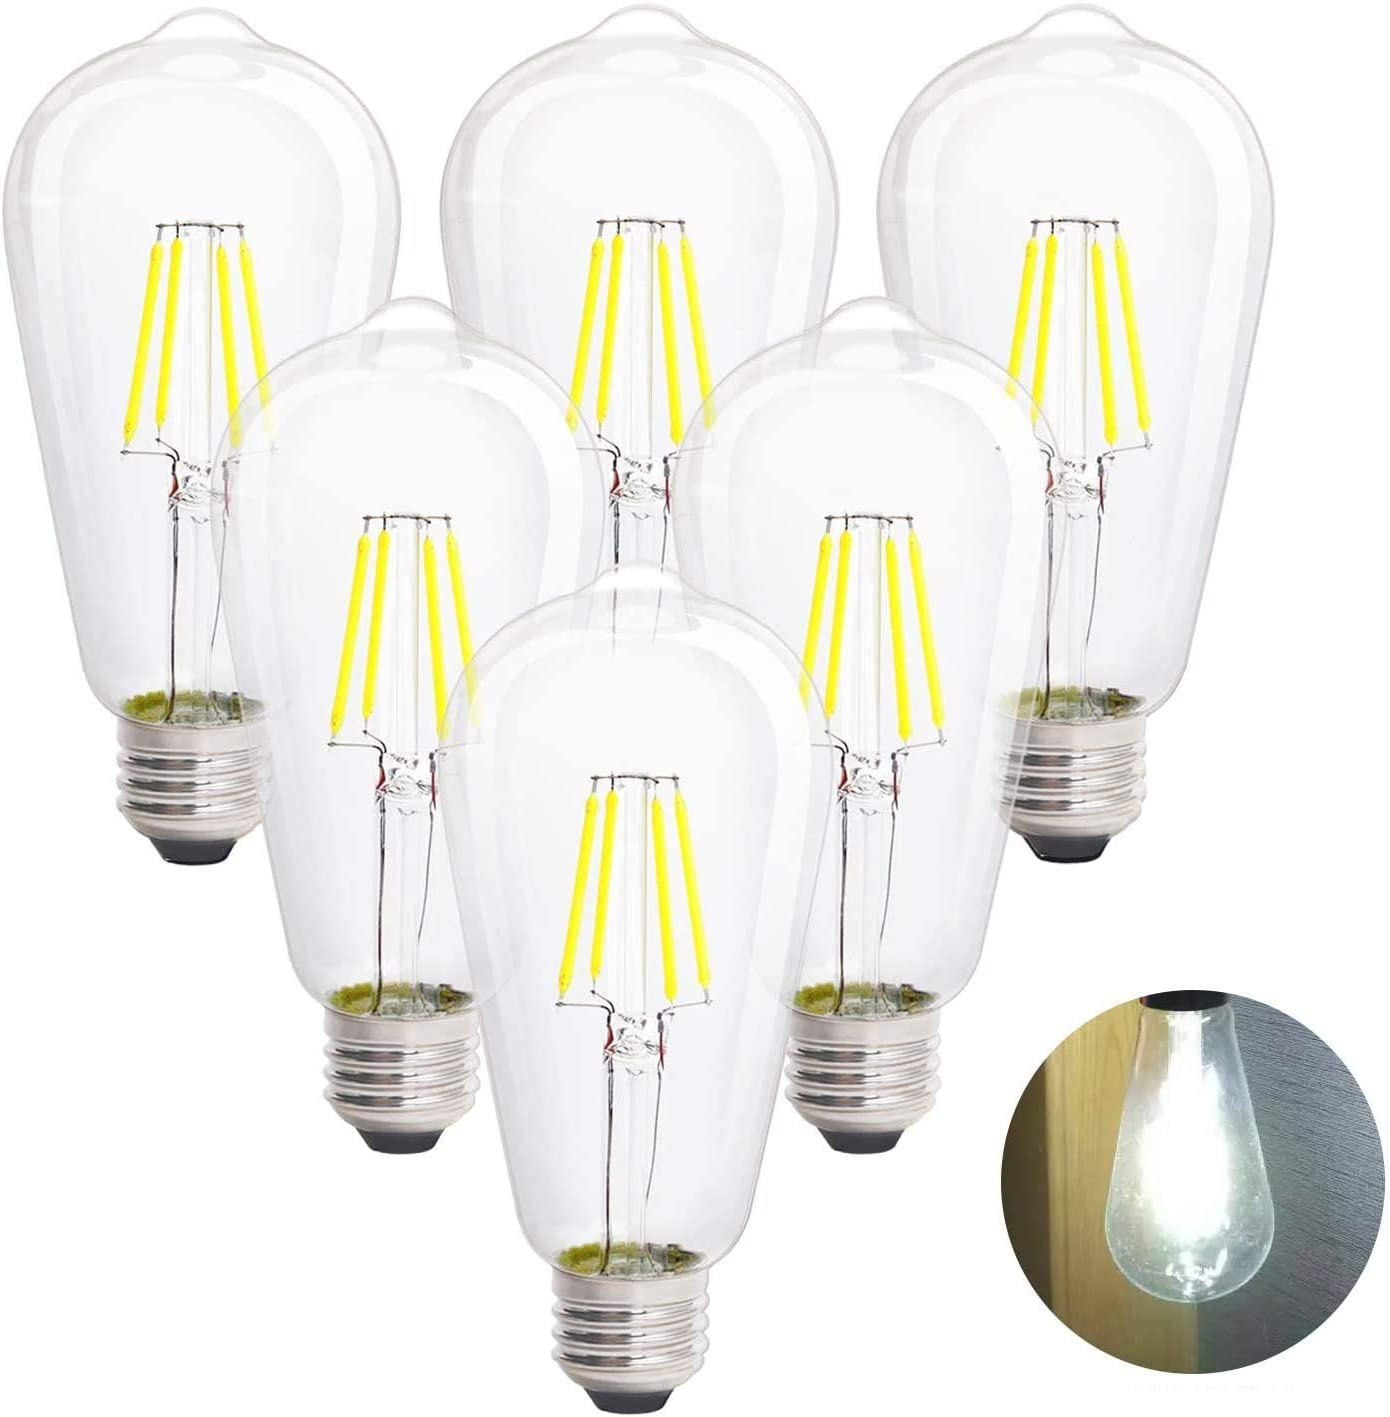 service LED Edison Vintage Light Bulbs Dimmabl 4W 4000K Reservation White Daylight